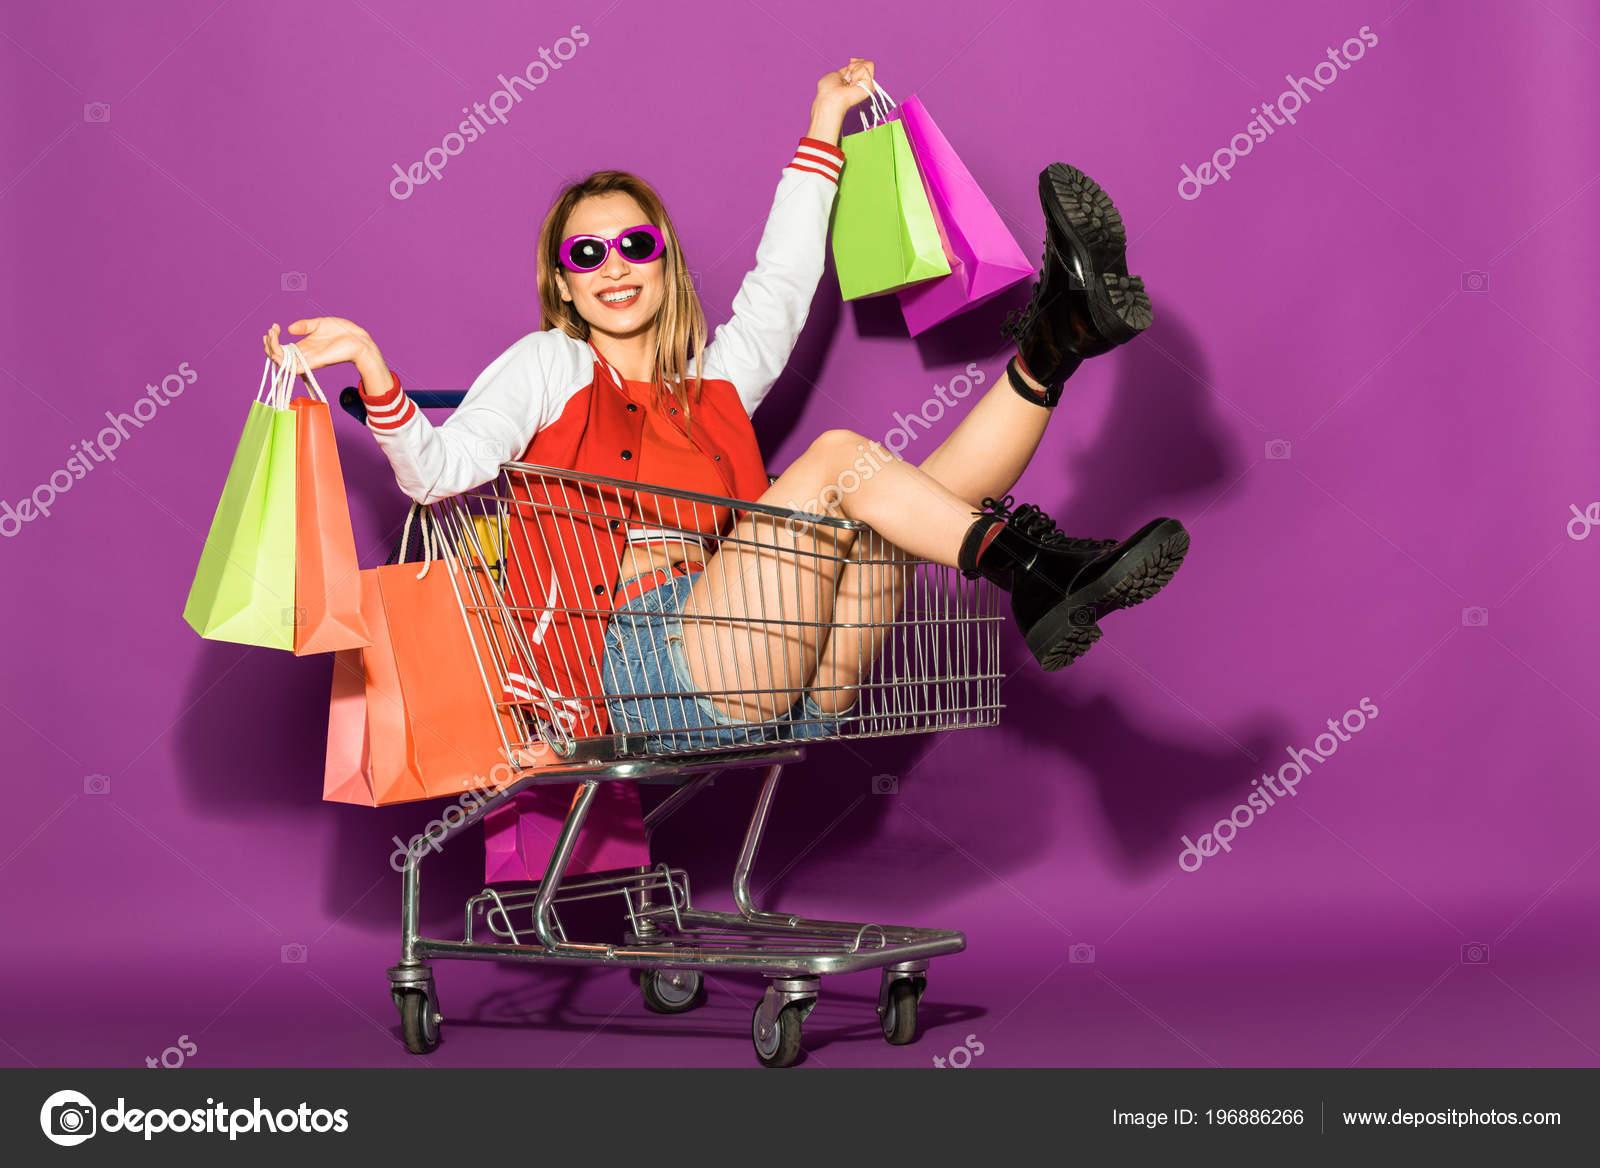 1d21404fb1 Όμορφη Νεαρή Γυναίκα Γυαλιά Ηλίου Κρατώντας Τσάντες Για Ψώνια Και — Φωτογραφία  Αρχείου